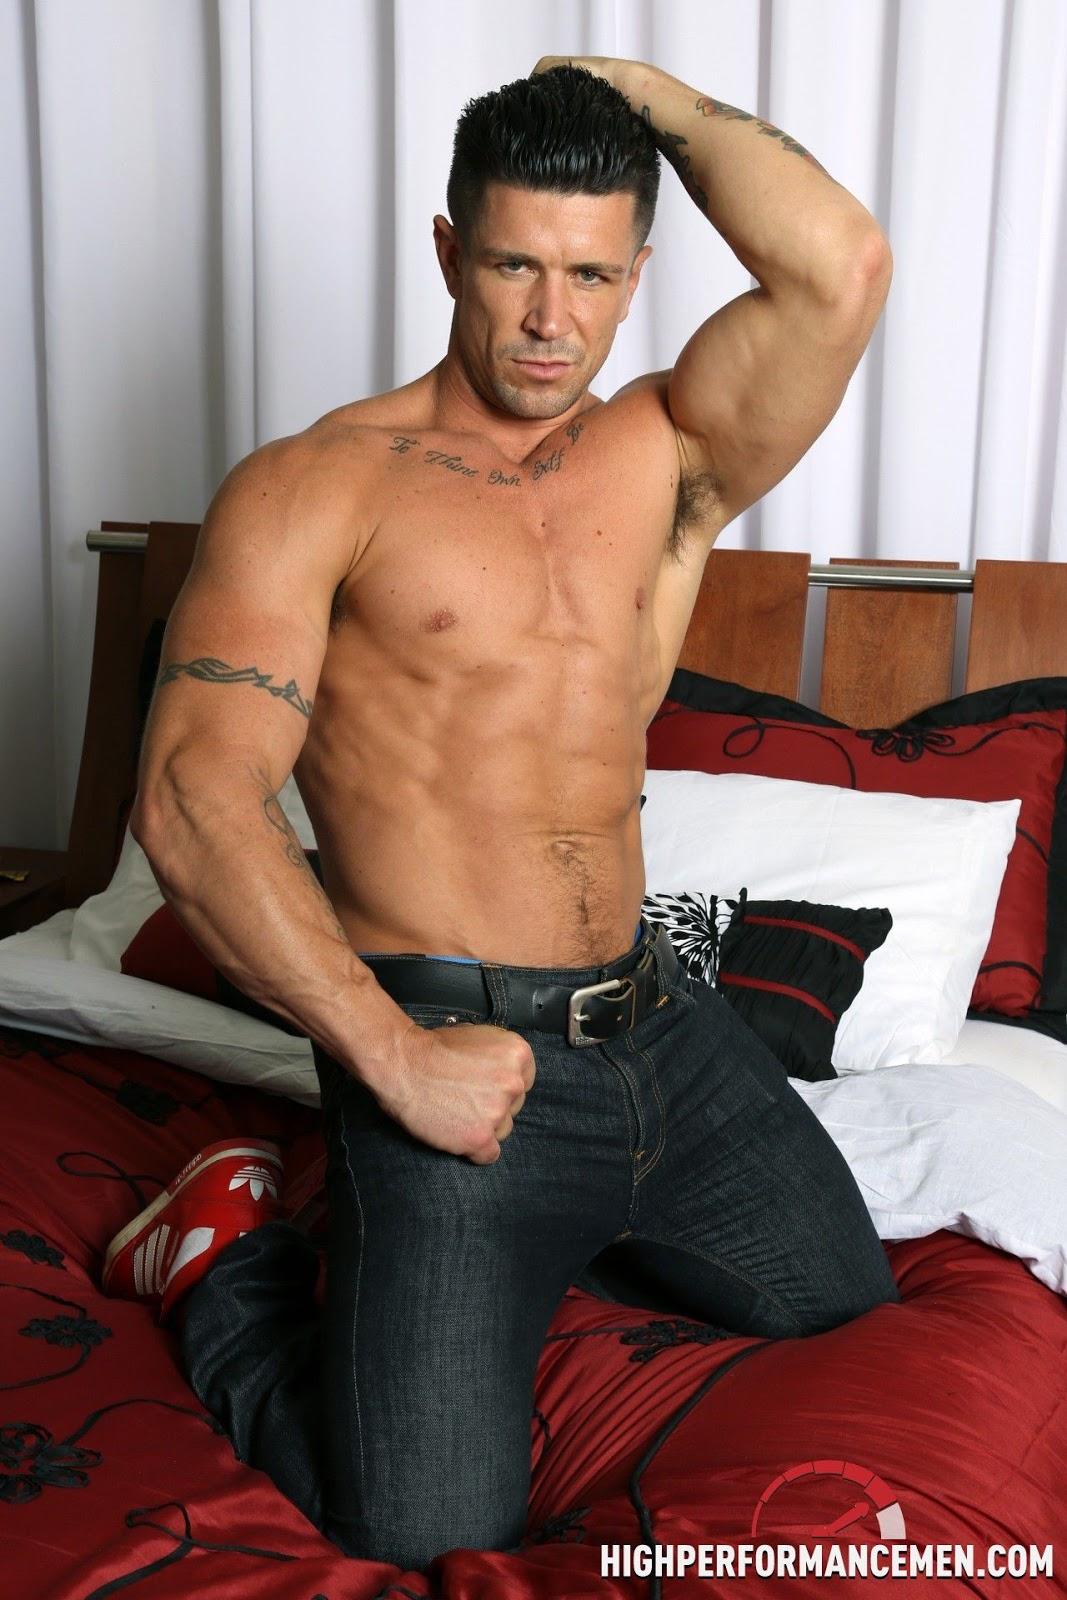 Trenton Ducati gay hot daddy dude men porn